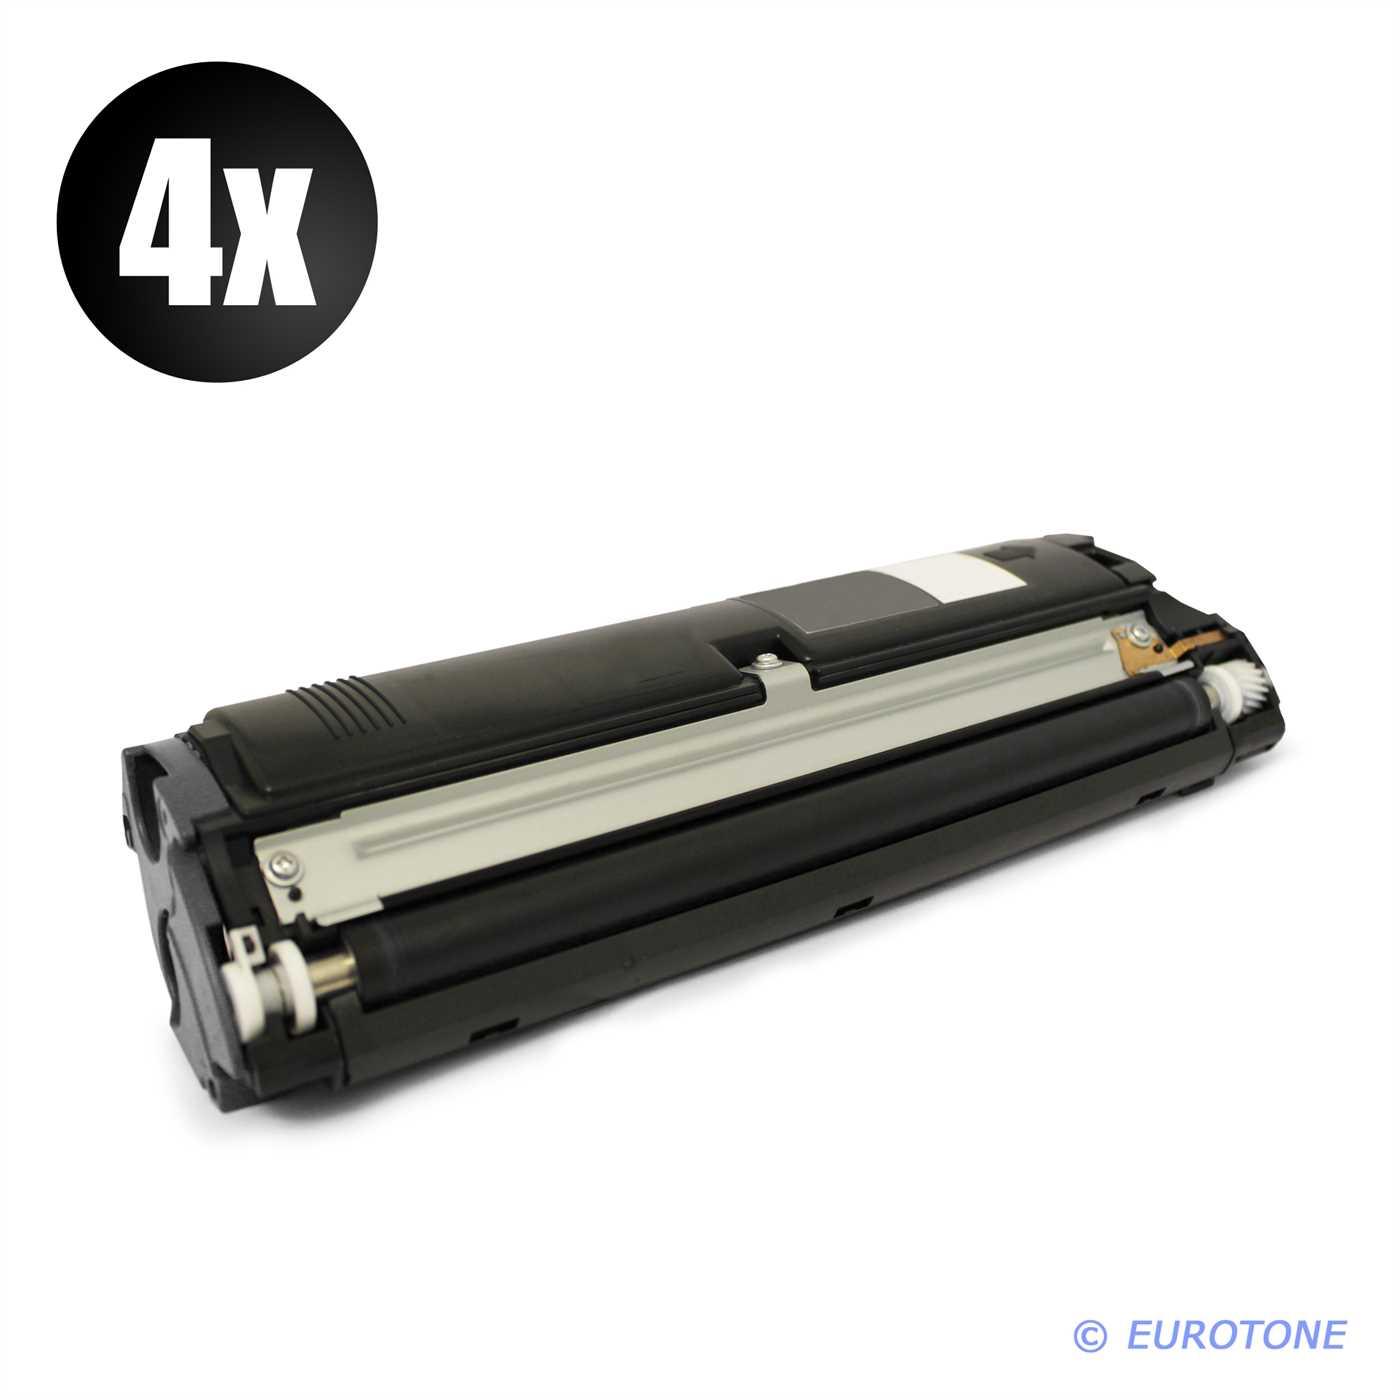 2x ECO Toner BLACK ersetzt Konica Minolta QMS 2300